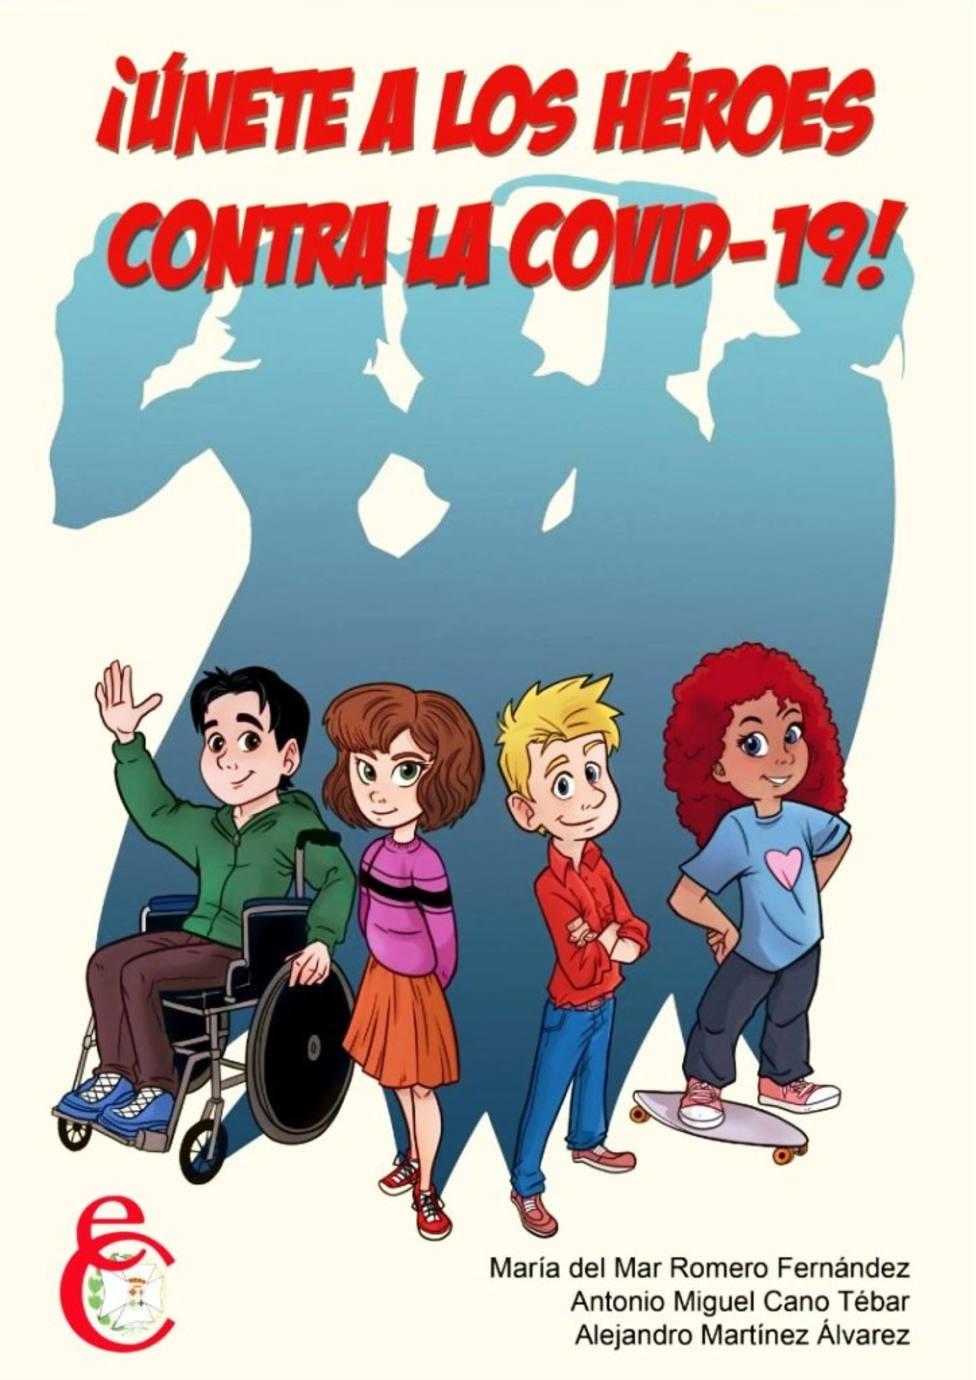 ctv-wvy-unete a los heroes de la covid un relato dirigido a ninos ideado por tres sanitarios de la gerencia de puertollano 26335 0 1613466395